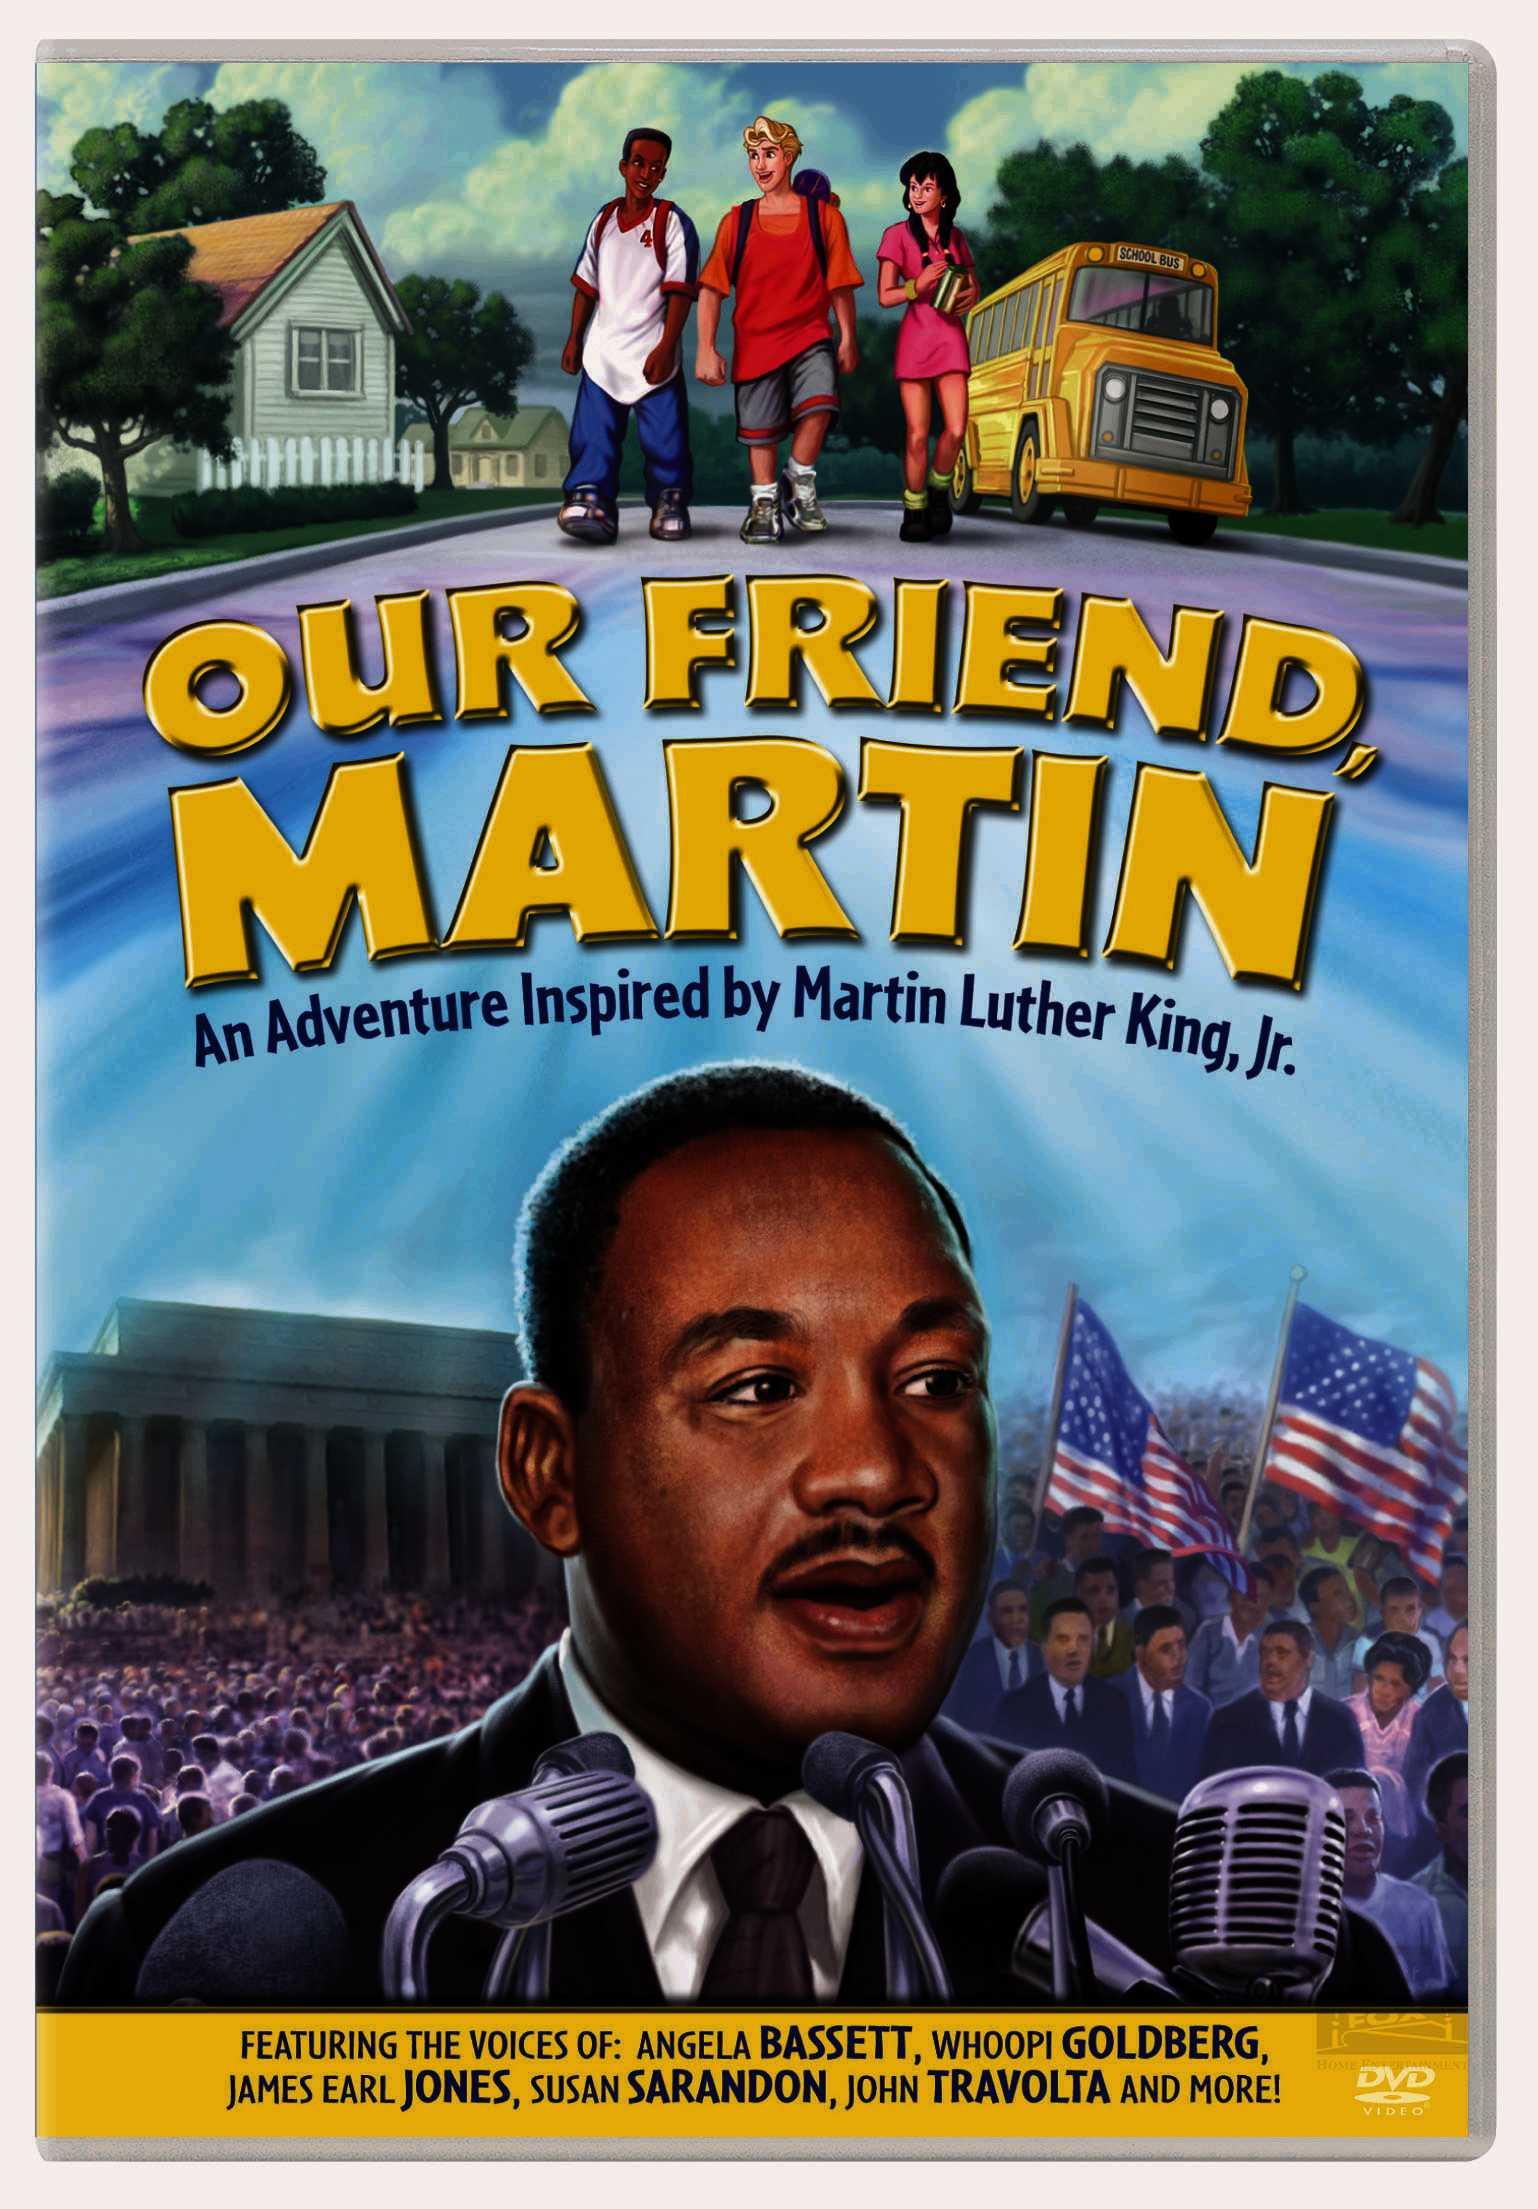 Our Friend, Martin (DVD)